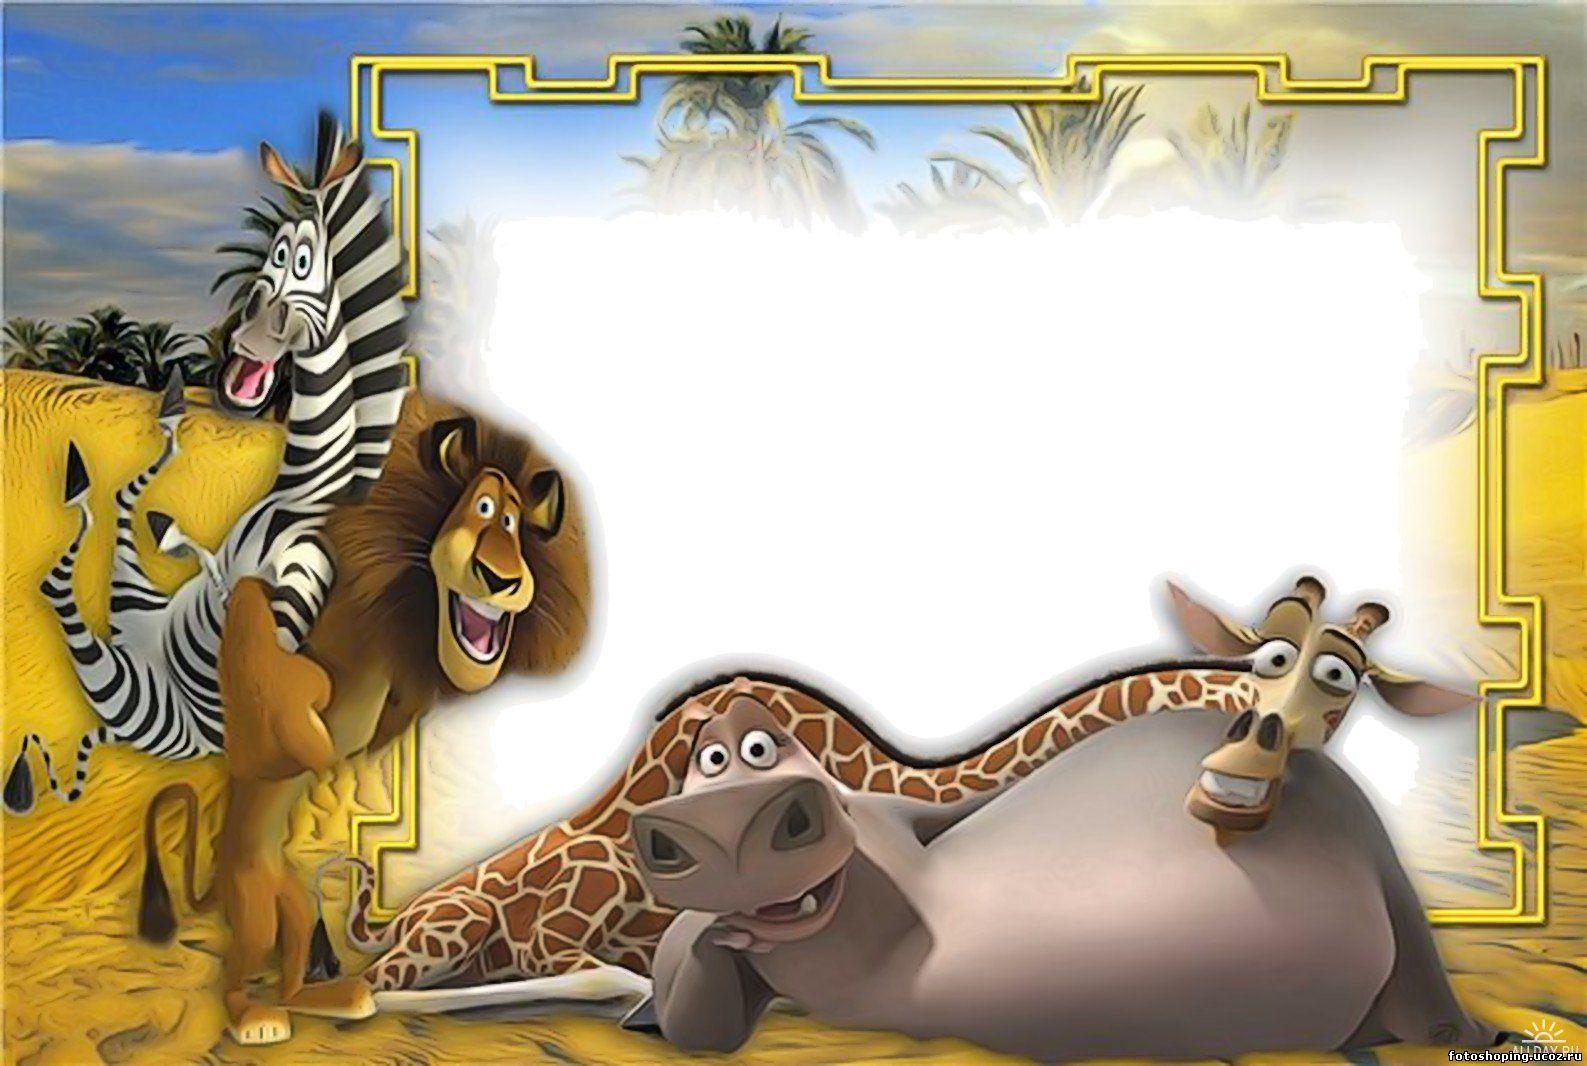 Рамка для фотомонтажа - Madagaskar.  Дата.  Исходник рамочки с весёлыми героями знаменитого мультфильма-Madagaskar.